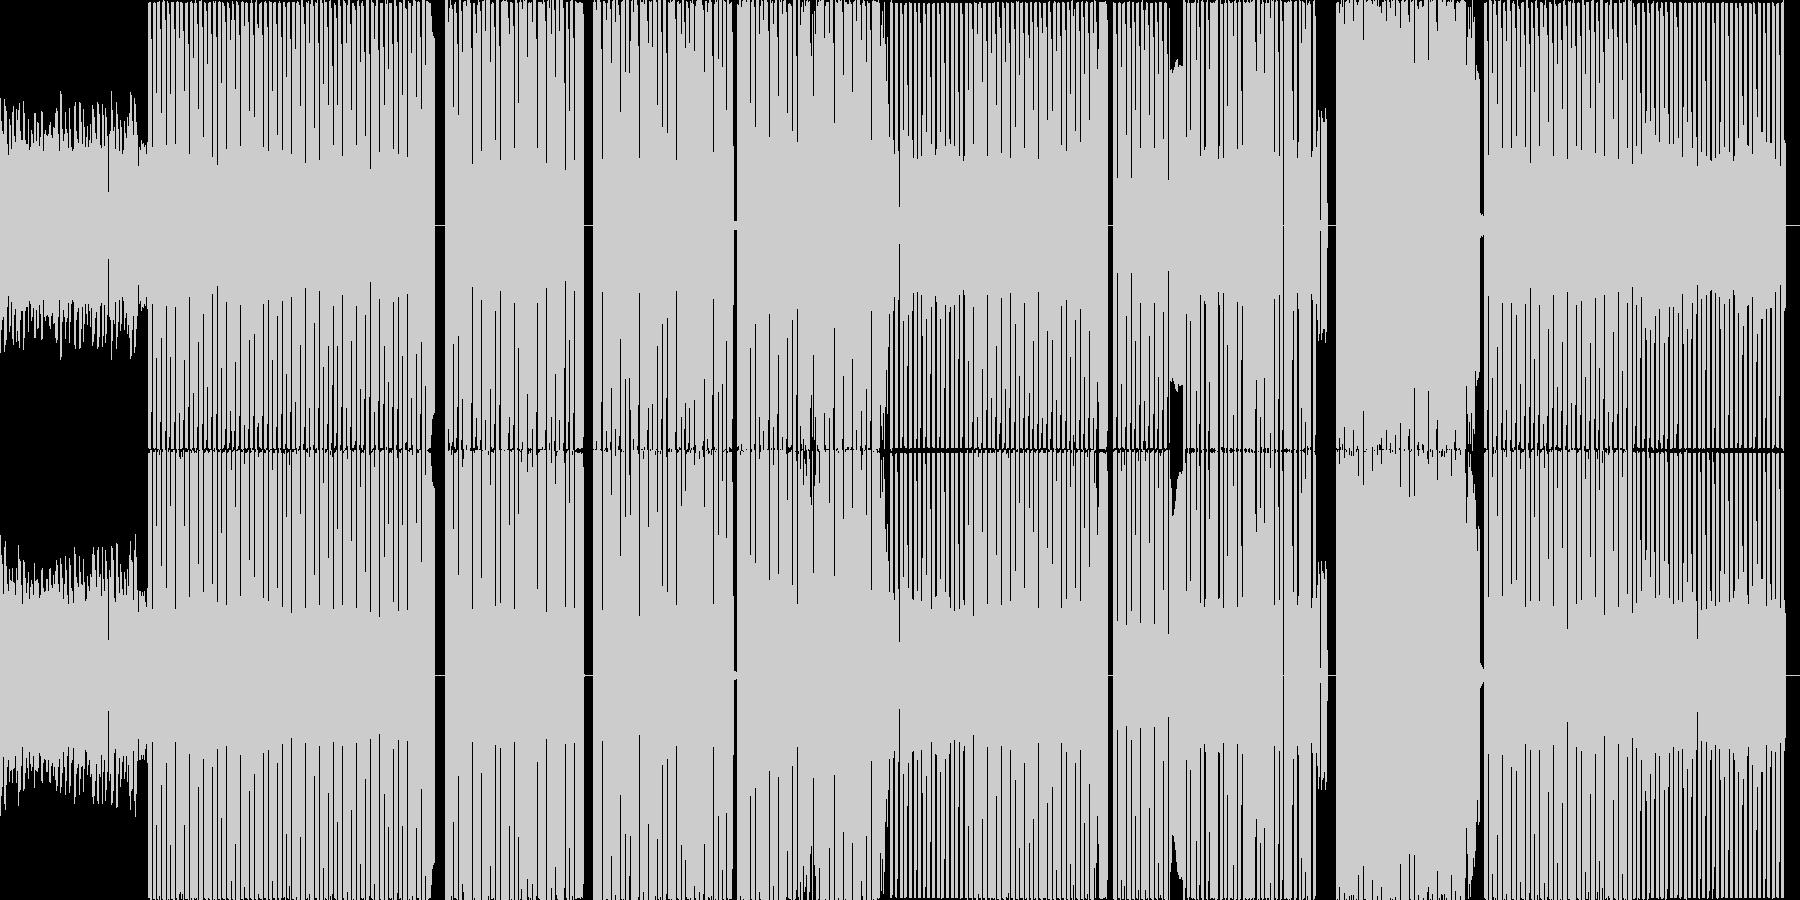 ビデオゲームのようなテクノ曲の未再生の波形